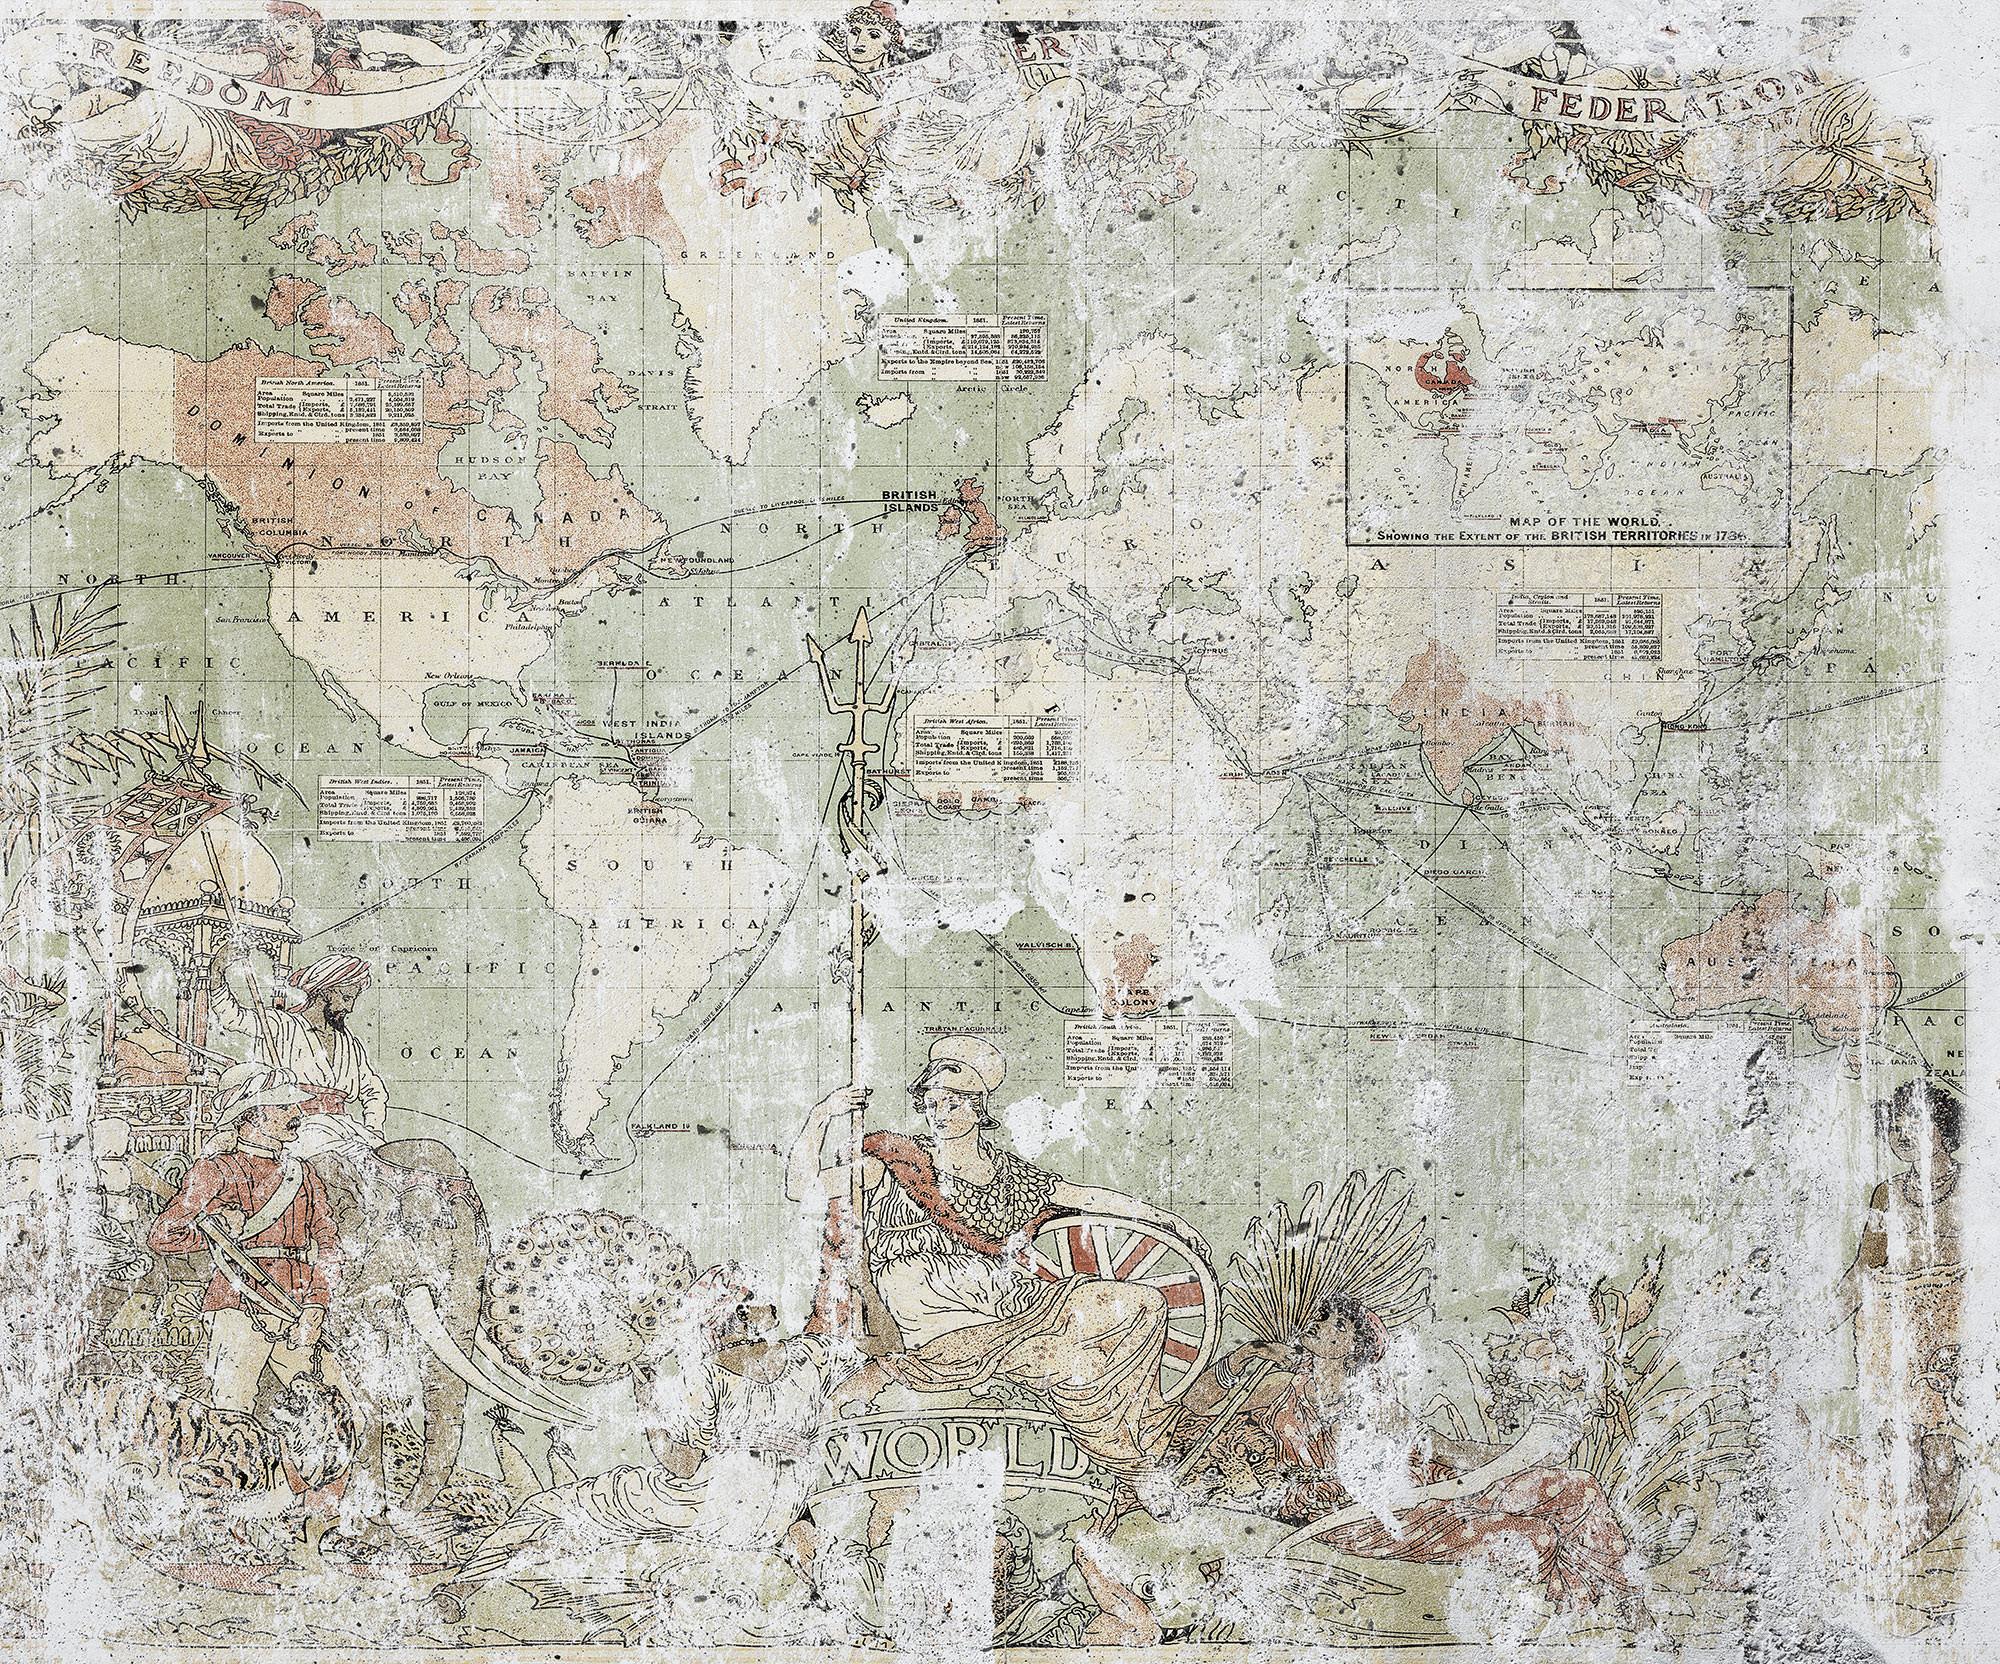 British Empire